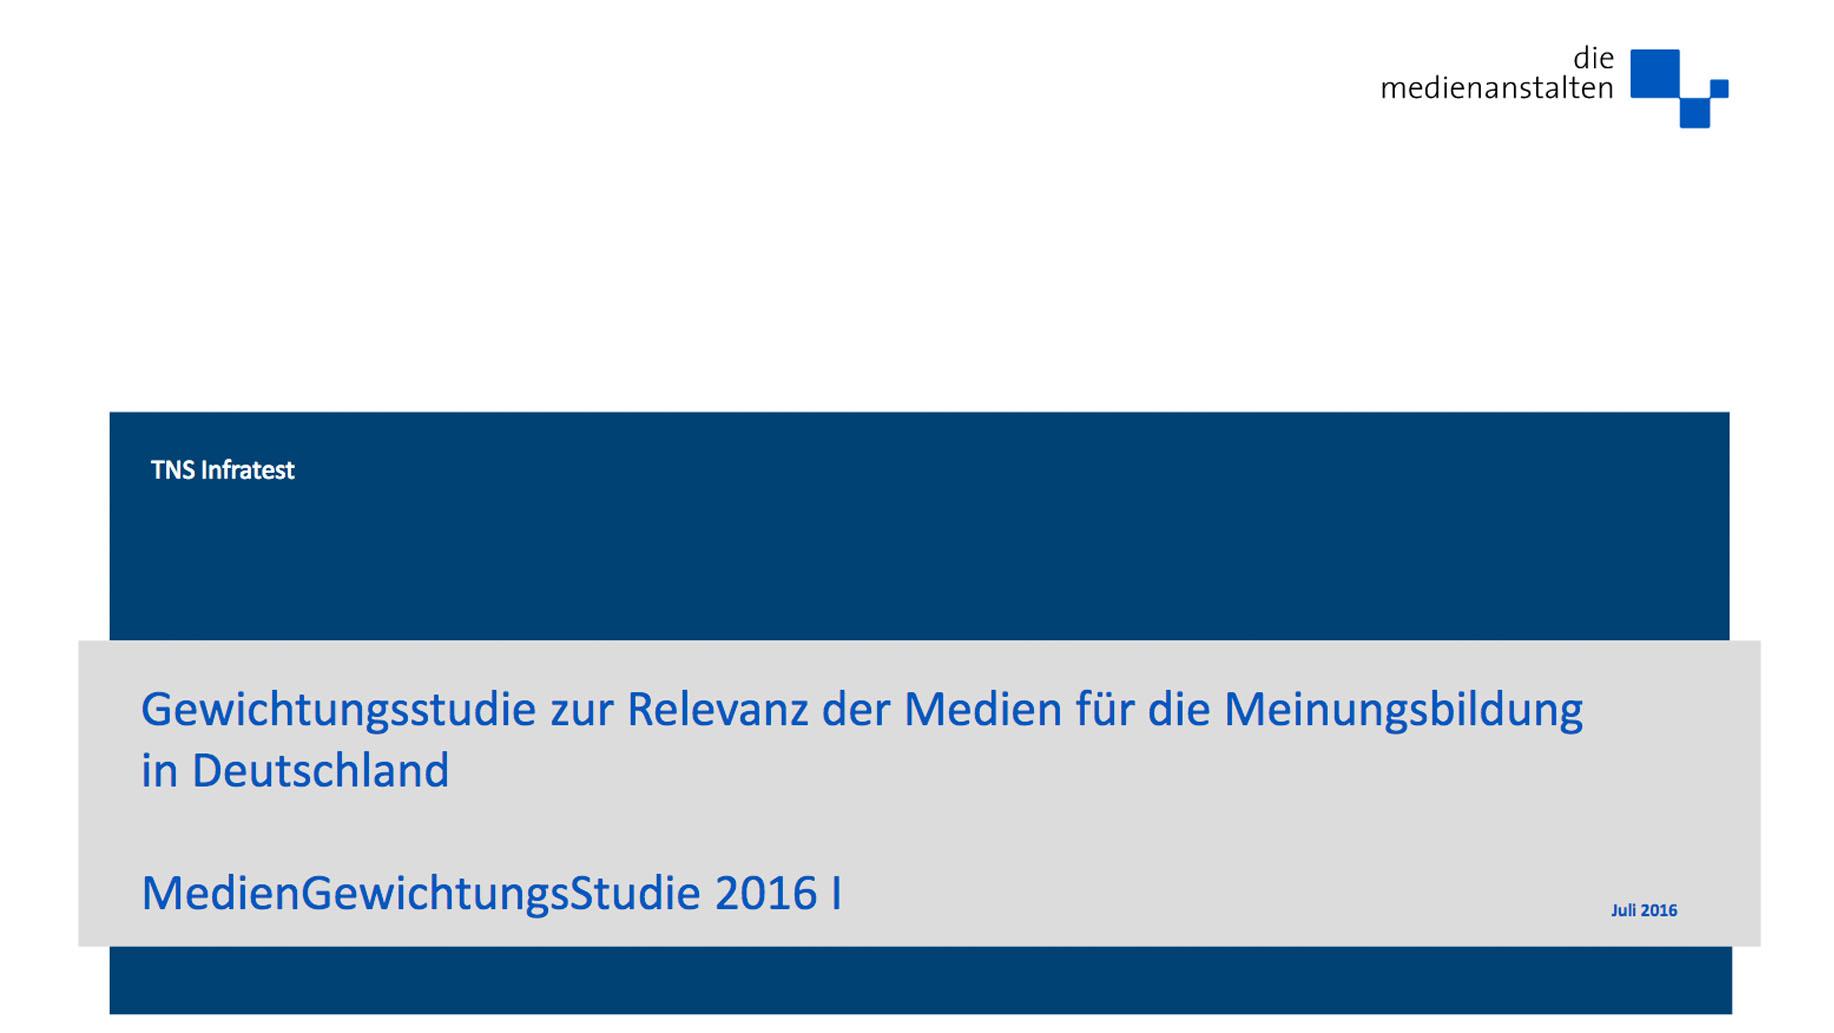 mediengewichtungsstudie-2016-1